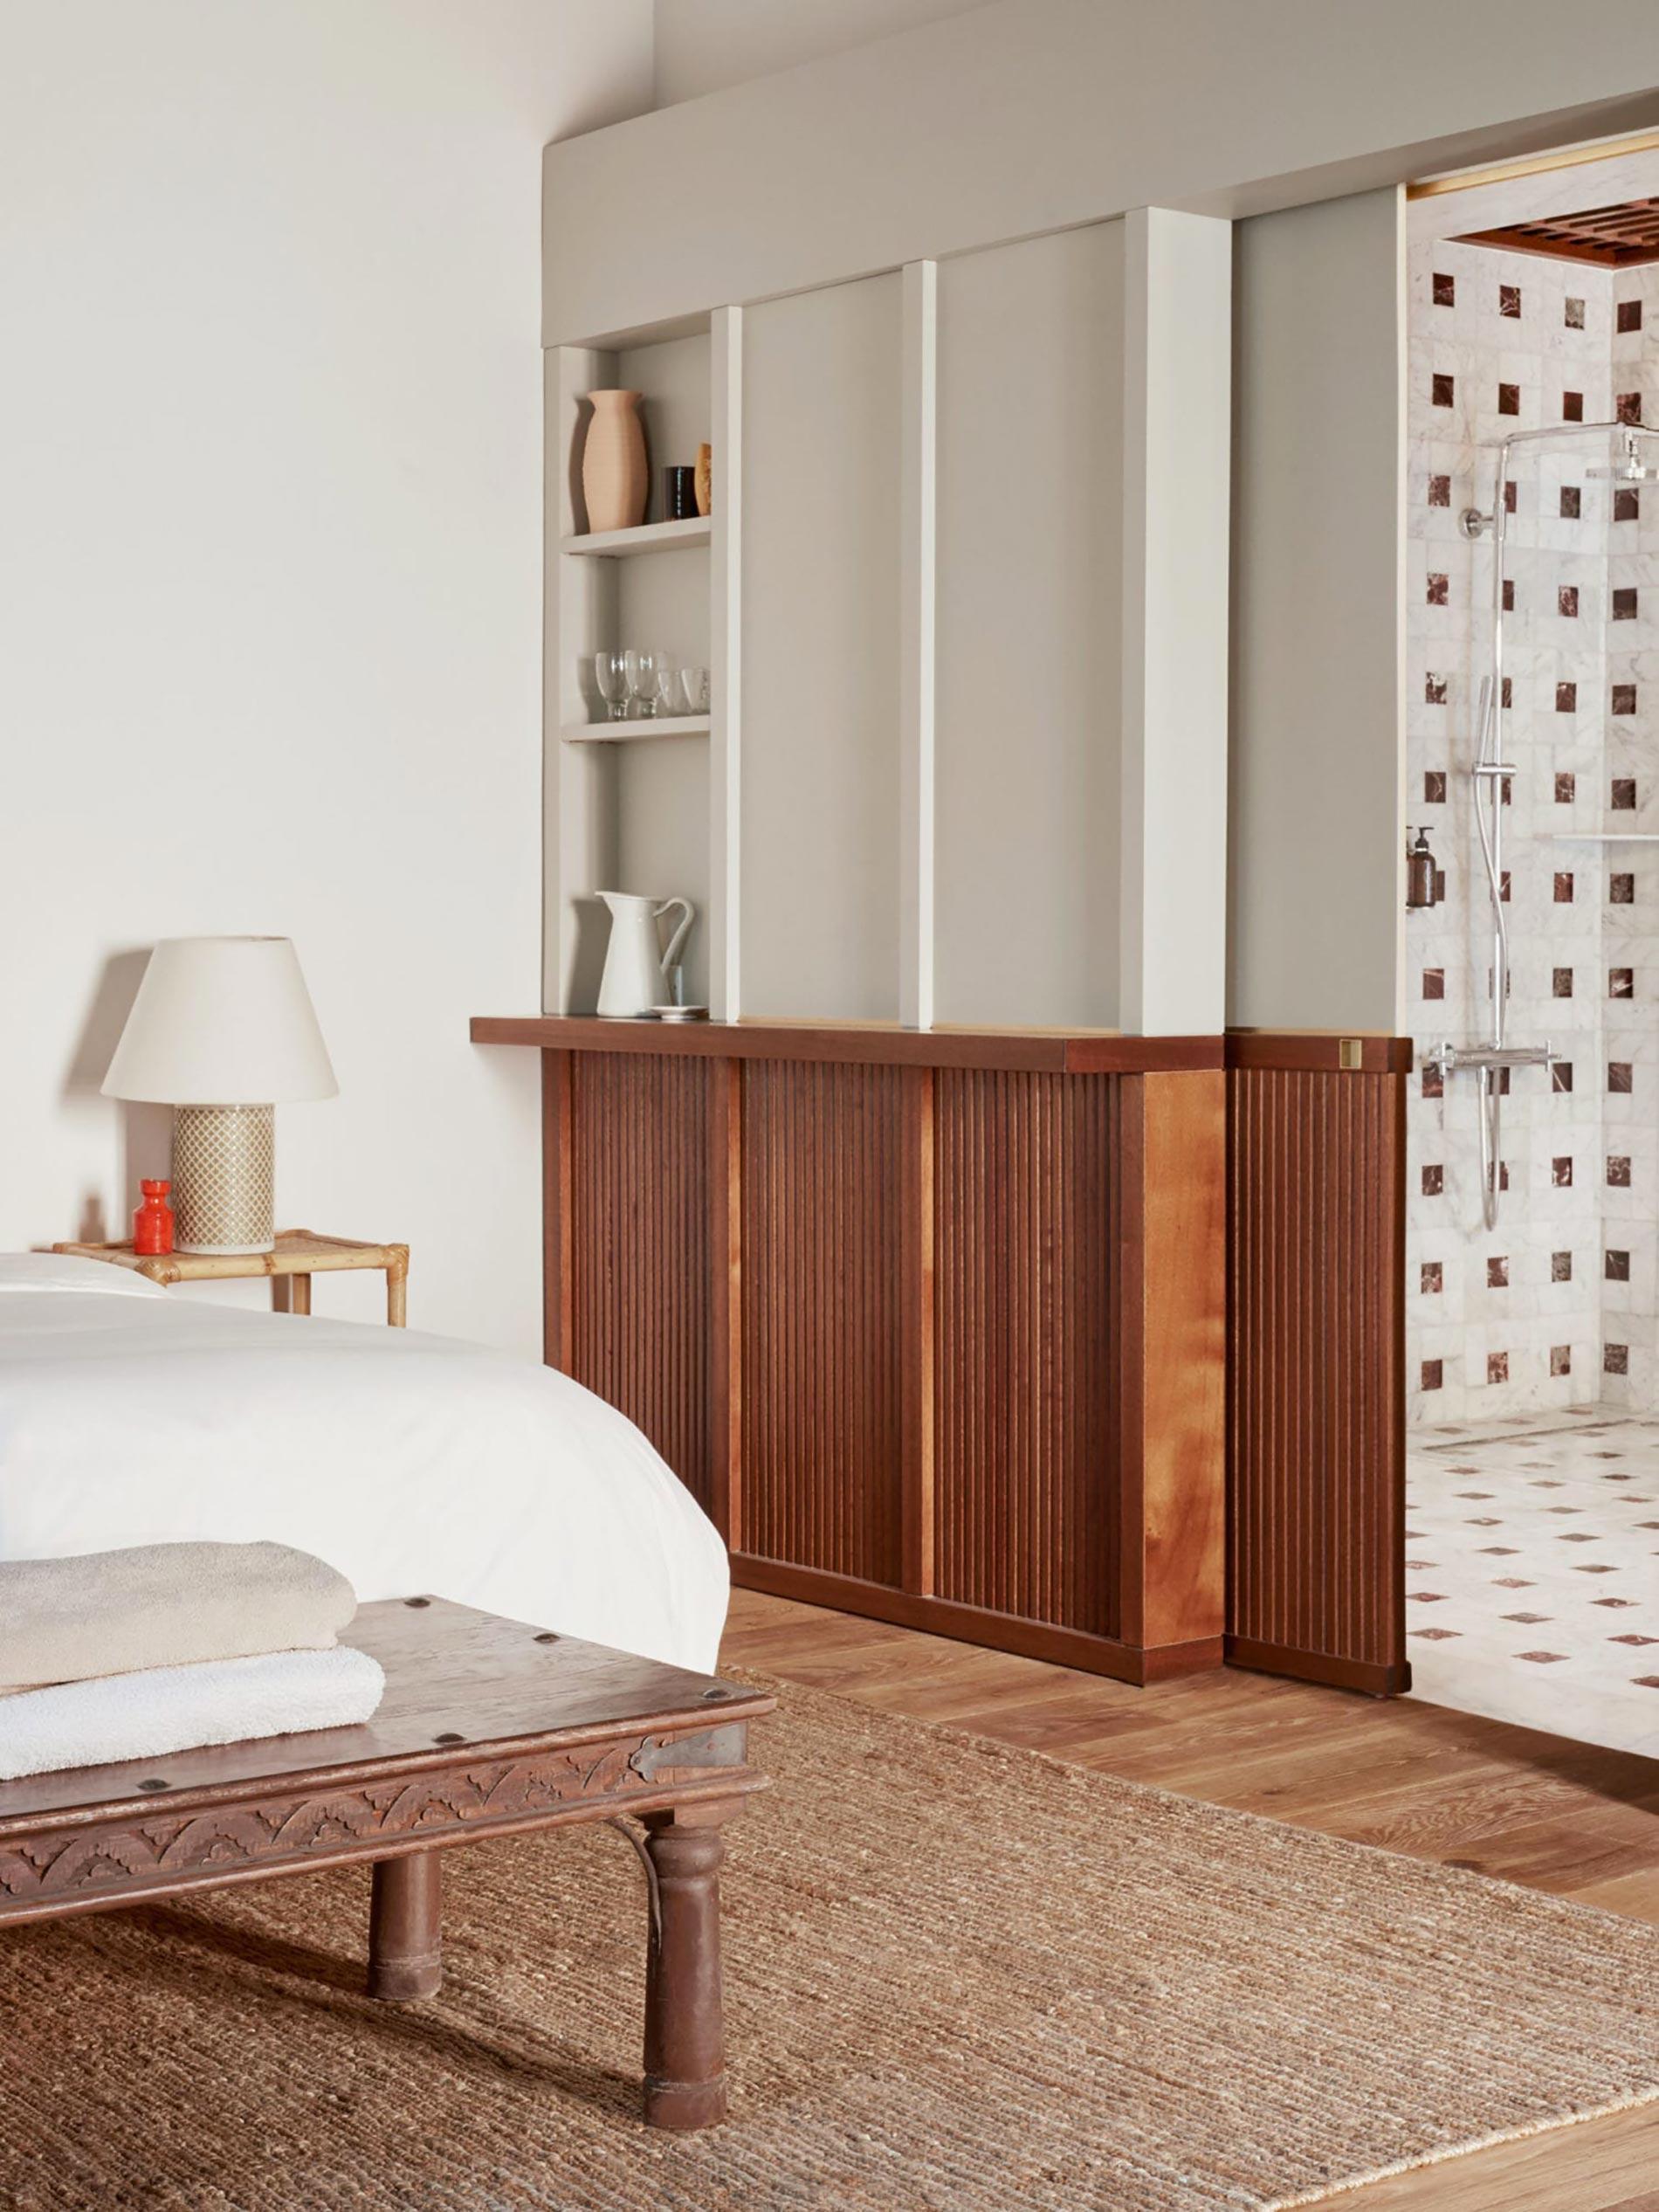 vacanza in italia villa lena lato camera da letto